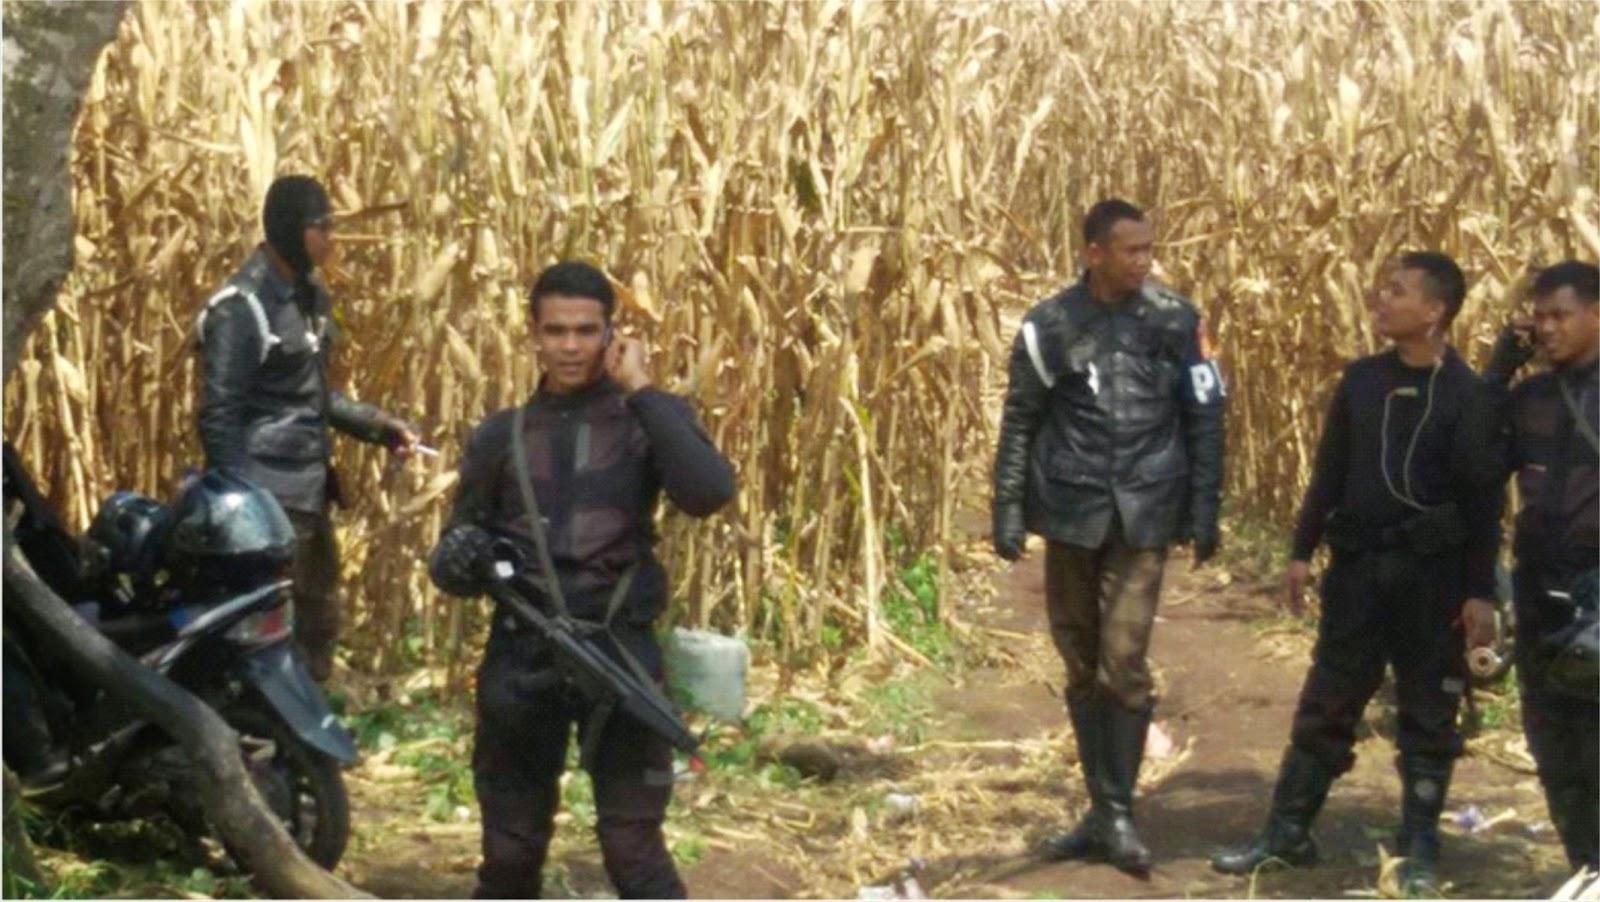 Pengamanan Presiden Jokowi Hampir Kecolongan